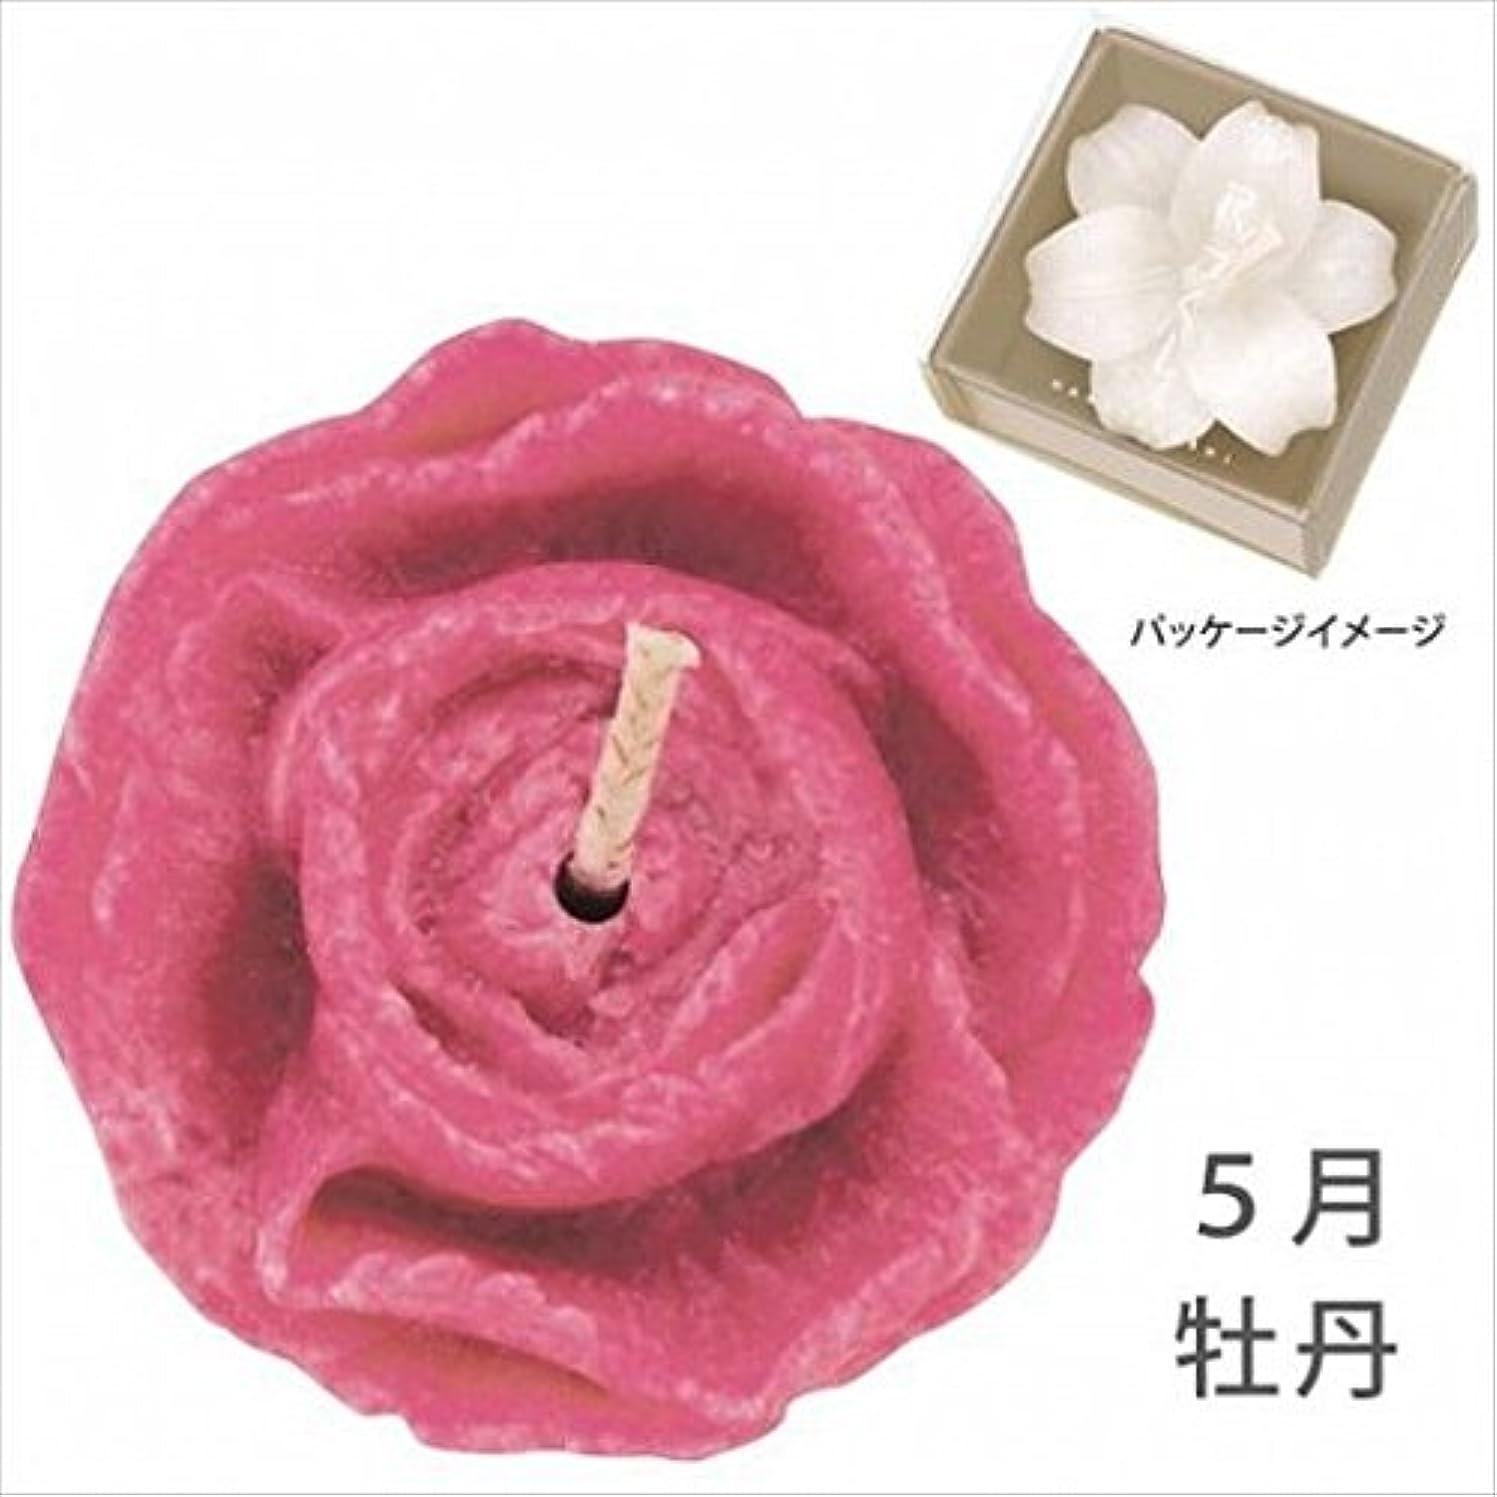 クラスコンプライアンスクリークkameyama candle(カメヤマキャンドル) 花づくし(植物性) 牡丹 「 牡丹(5月) 」 キャンドル(A4620590)